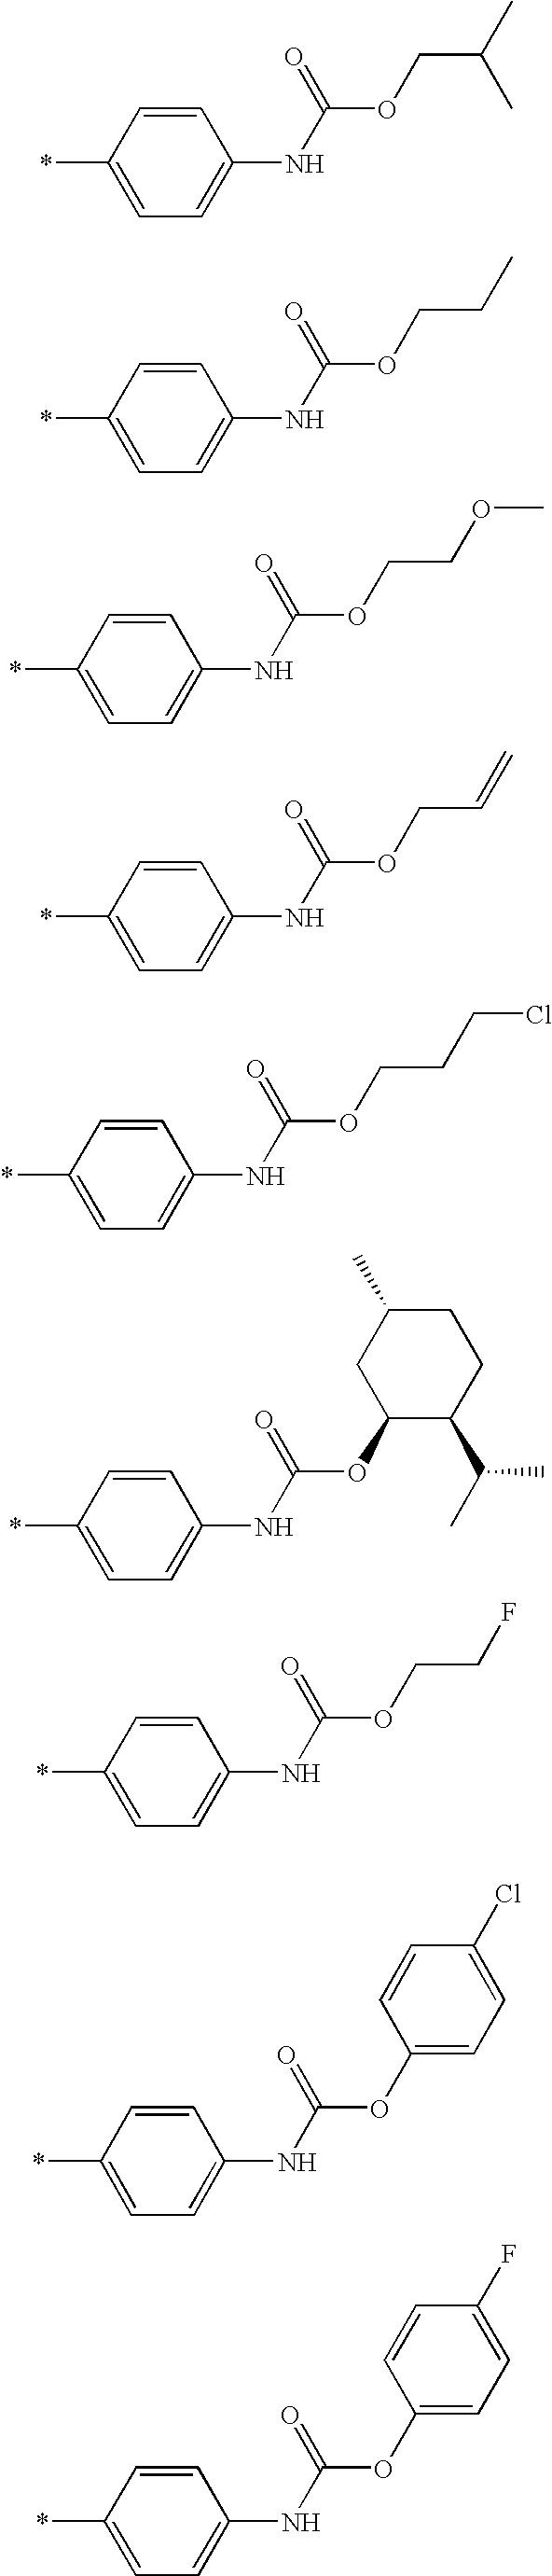 Figure US07781478-20100824-C00117